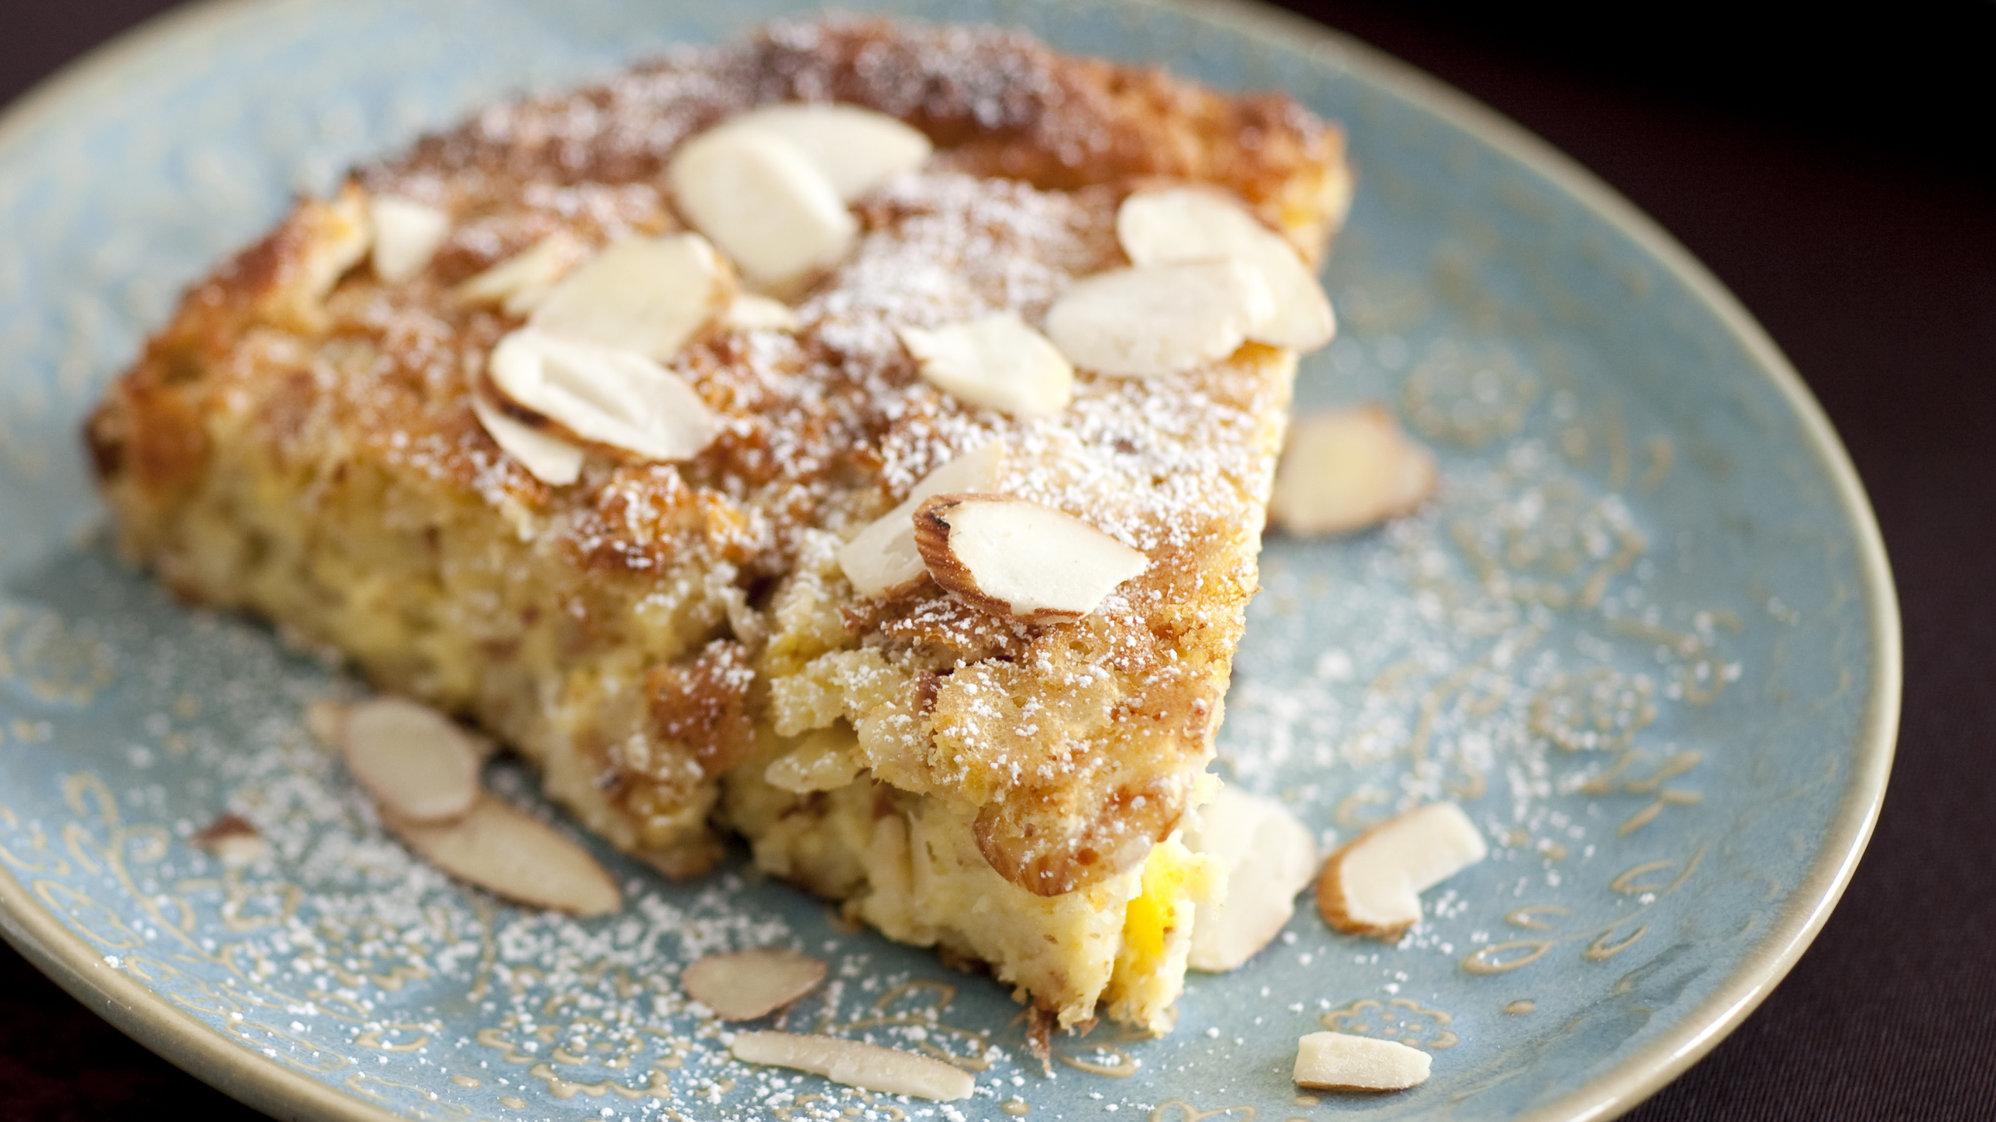 Pan-Baked Lemon-Almond Tart Recipe | KeepRecipes: Your ... Almondy Taart Glutenvrij